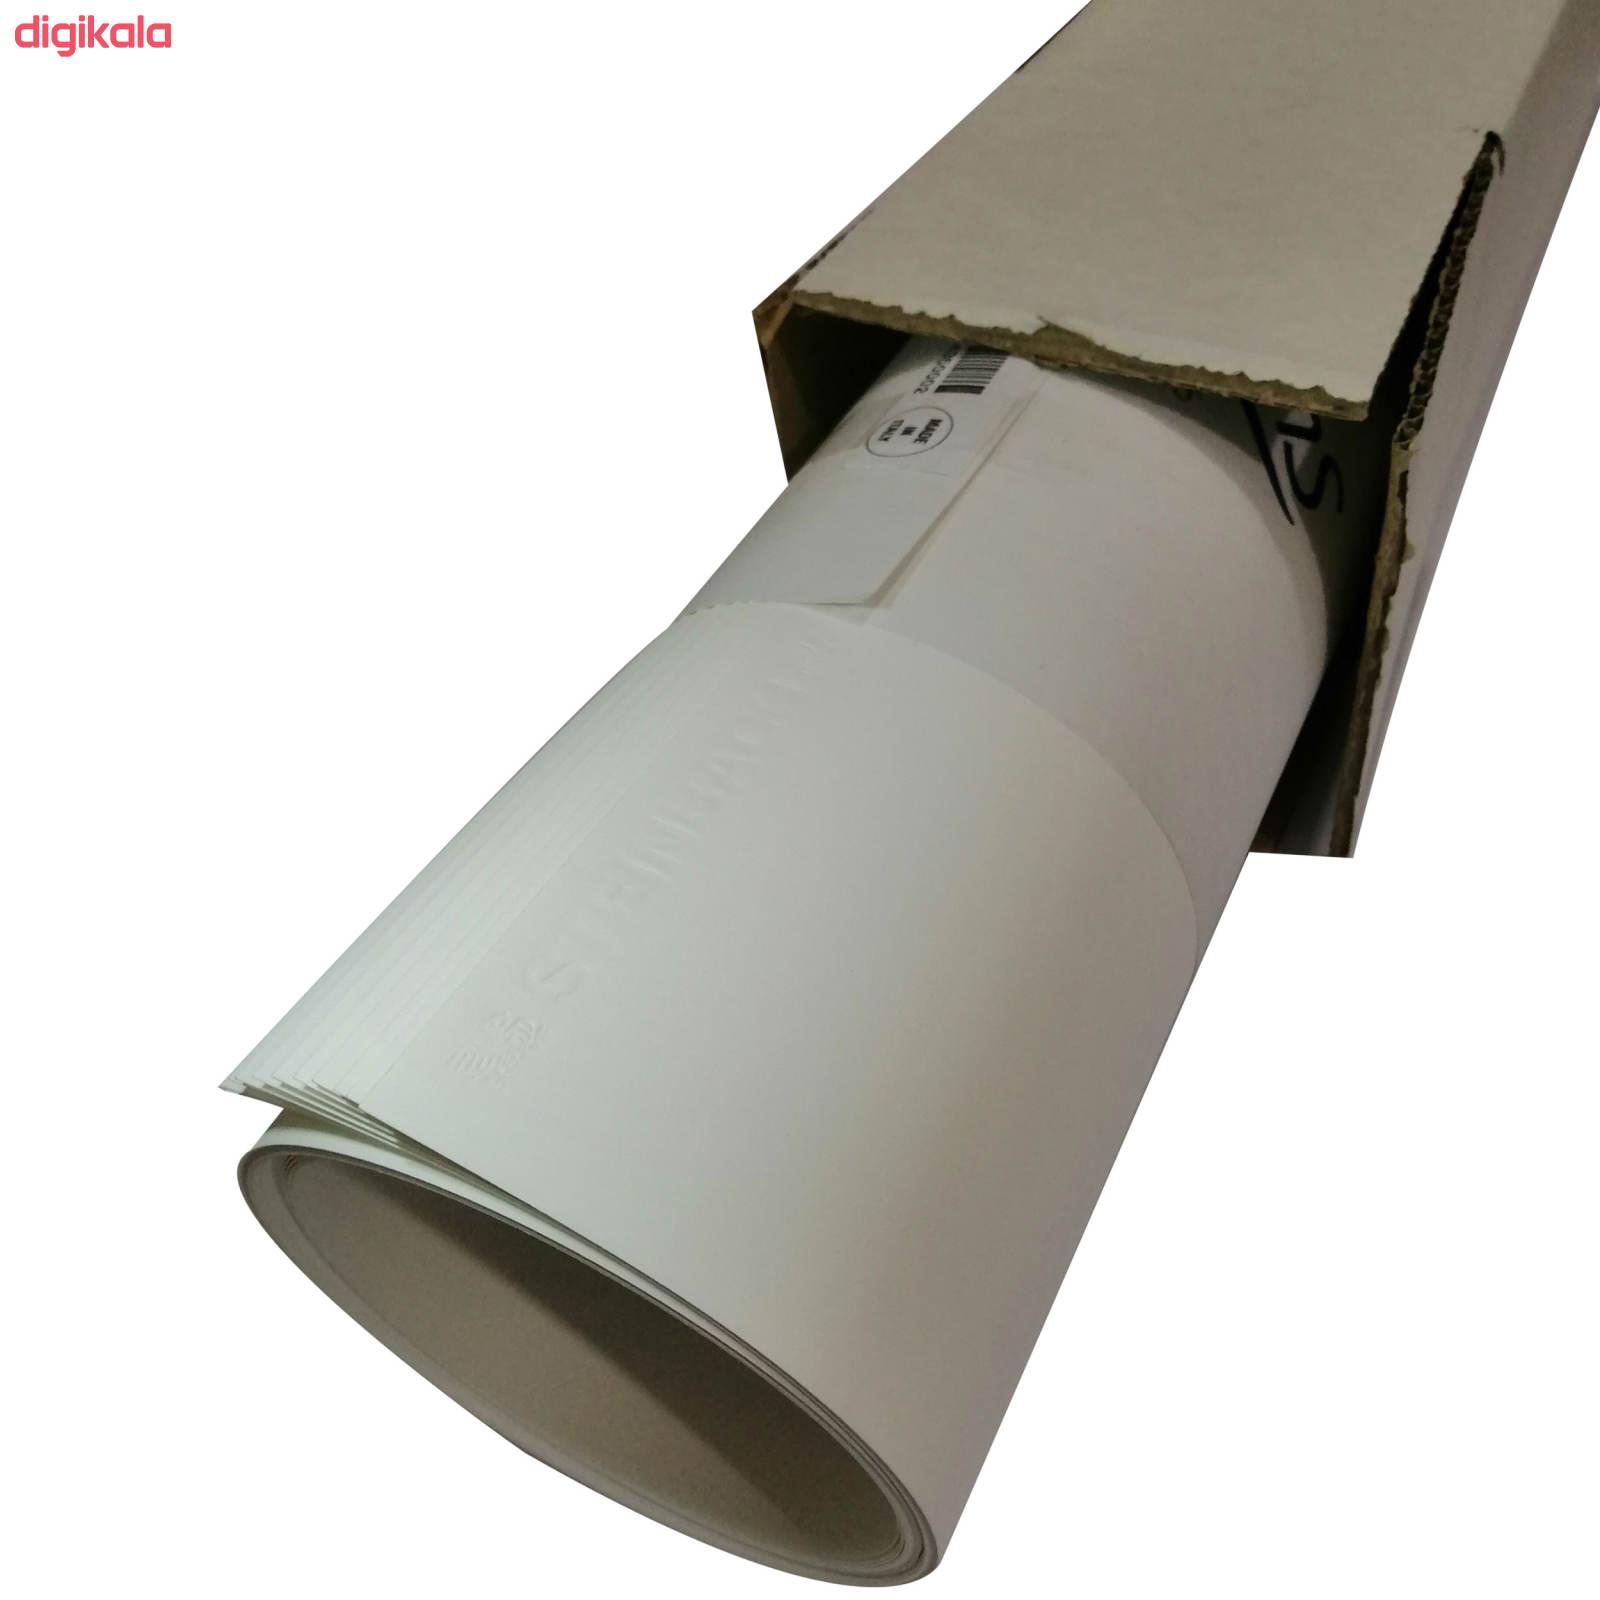 مقوا اشتنباخ مدل draw155 سایز 50x70 سانتی متر بسته 10 عددی main 1 2